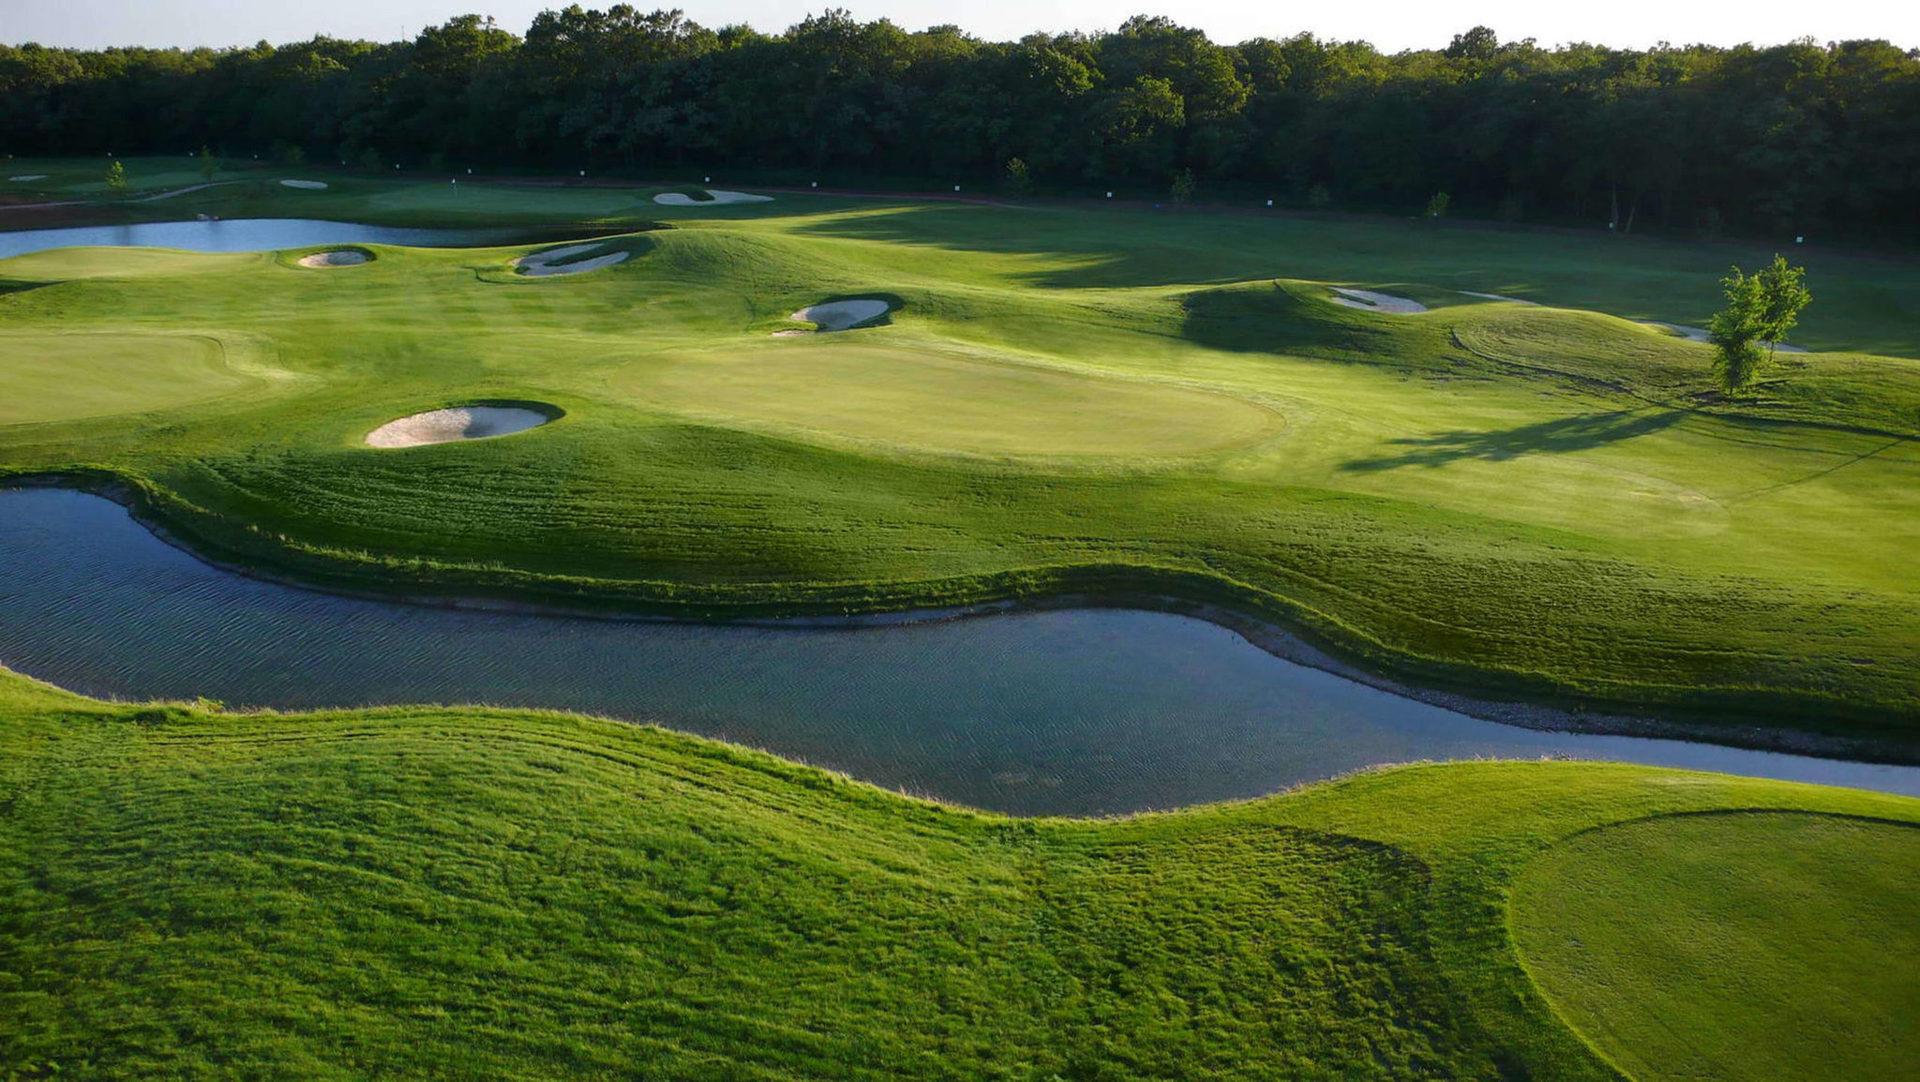 Новина для любителів гольфу: готель розташований поруч з 18-лунковим полем для гольфу, де проводяться чемпіонати